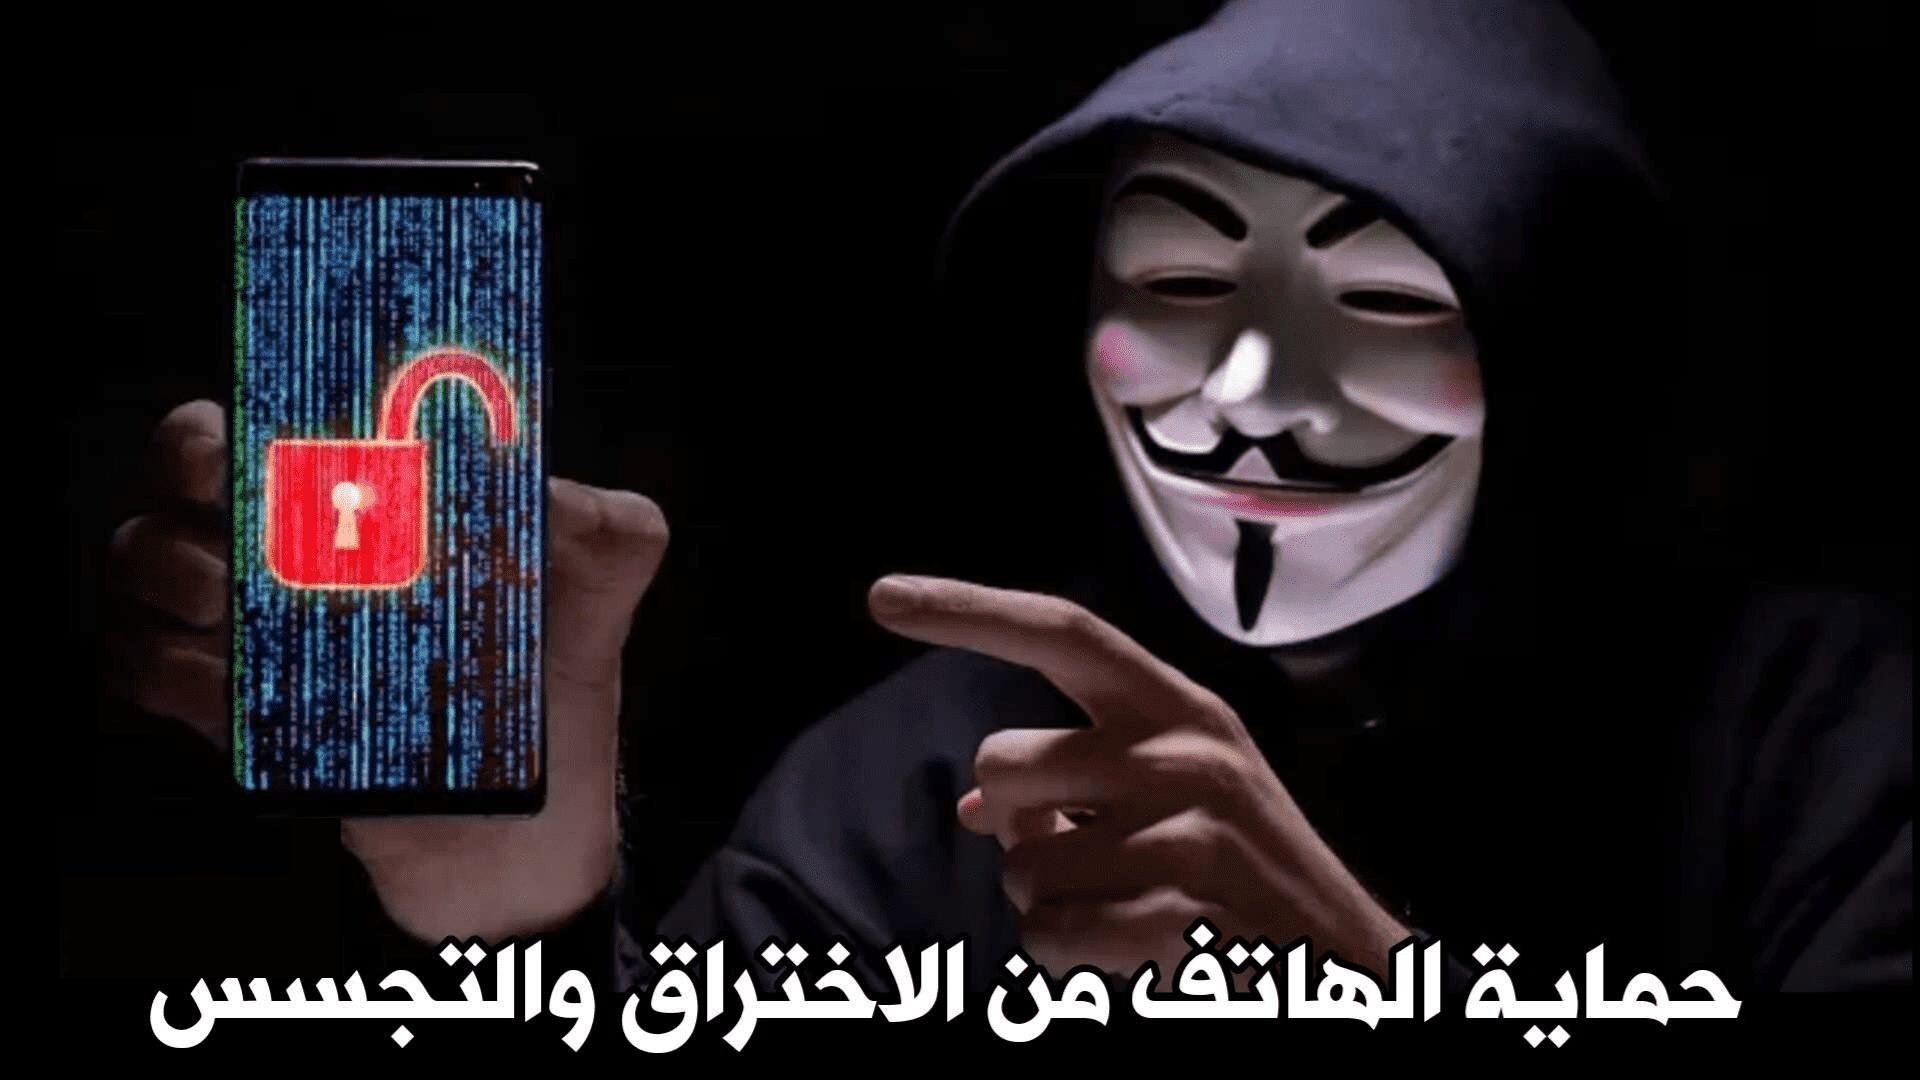 5 خطوات حماية الهاتف من الاختراق والتجسس